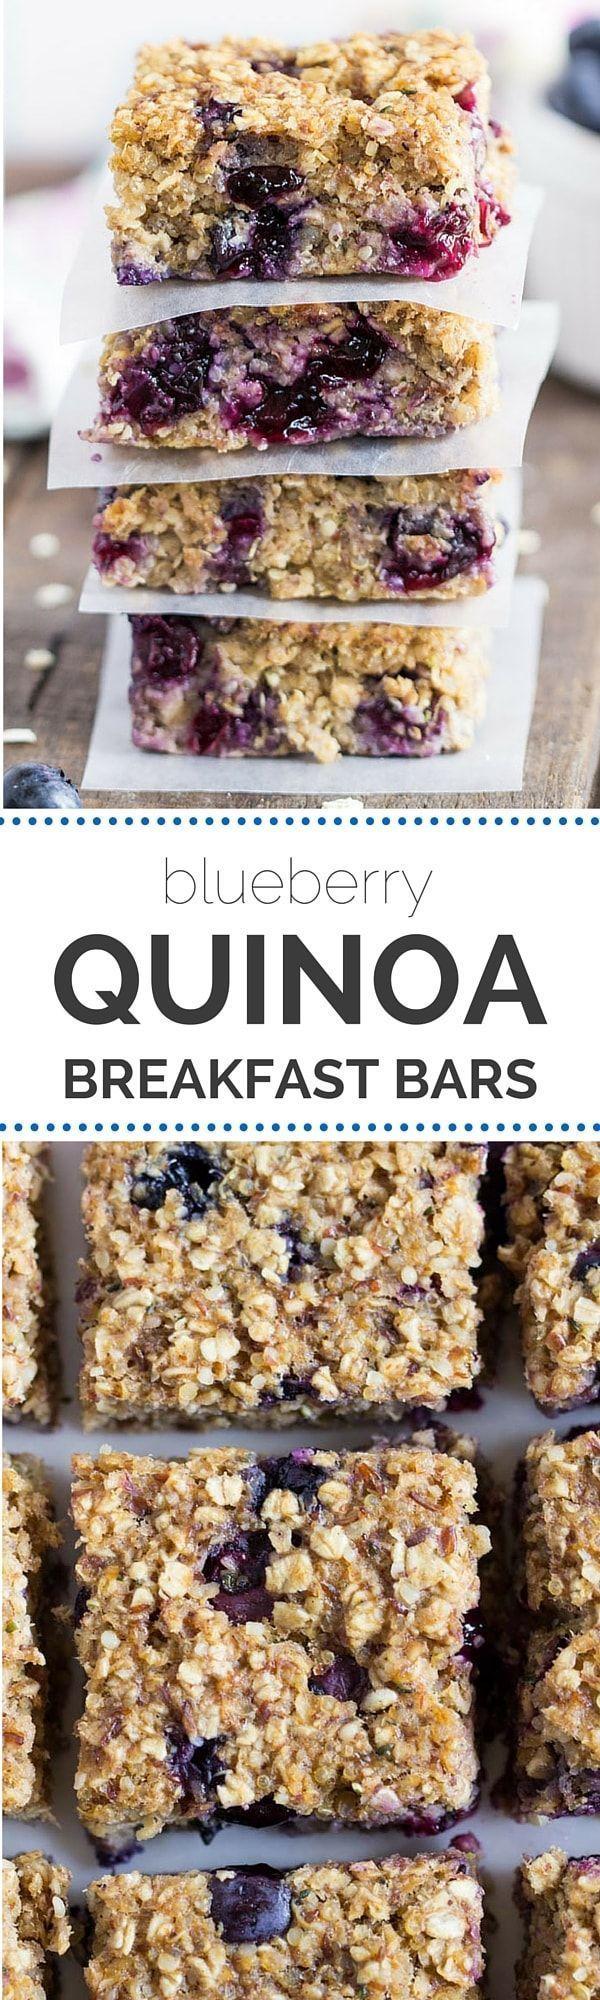 Blueberry Quinoa Breakfast Bars   Recipe   Quinoa ...